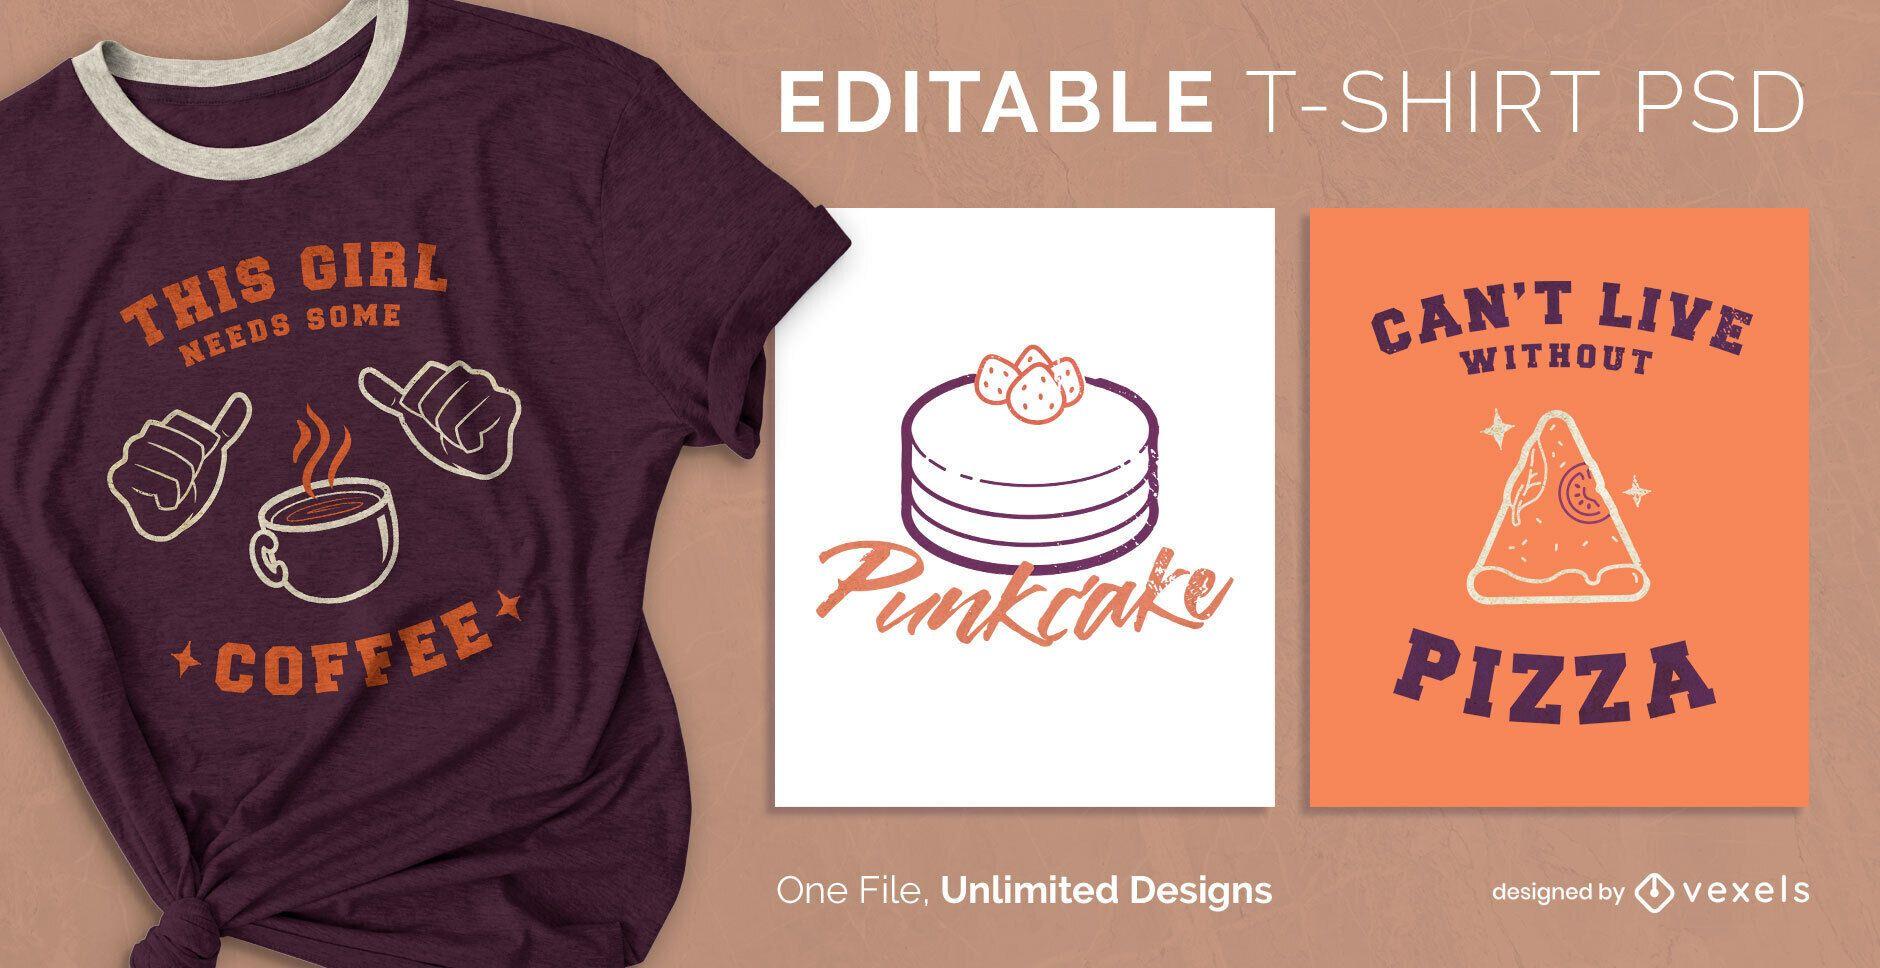 Food scalable t-shirt psd